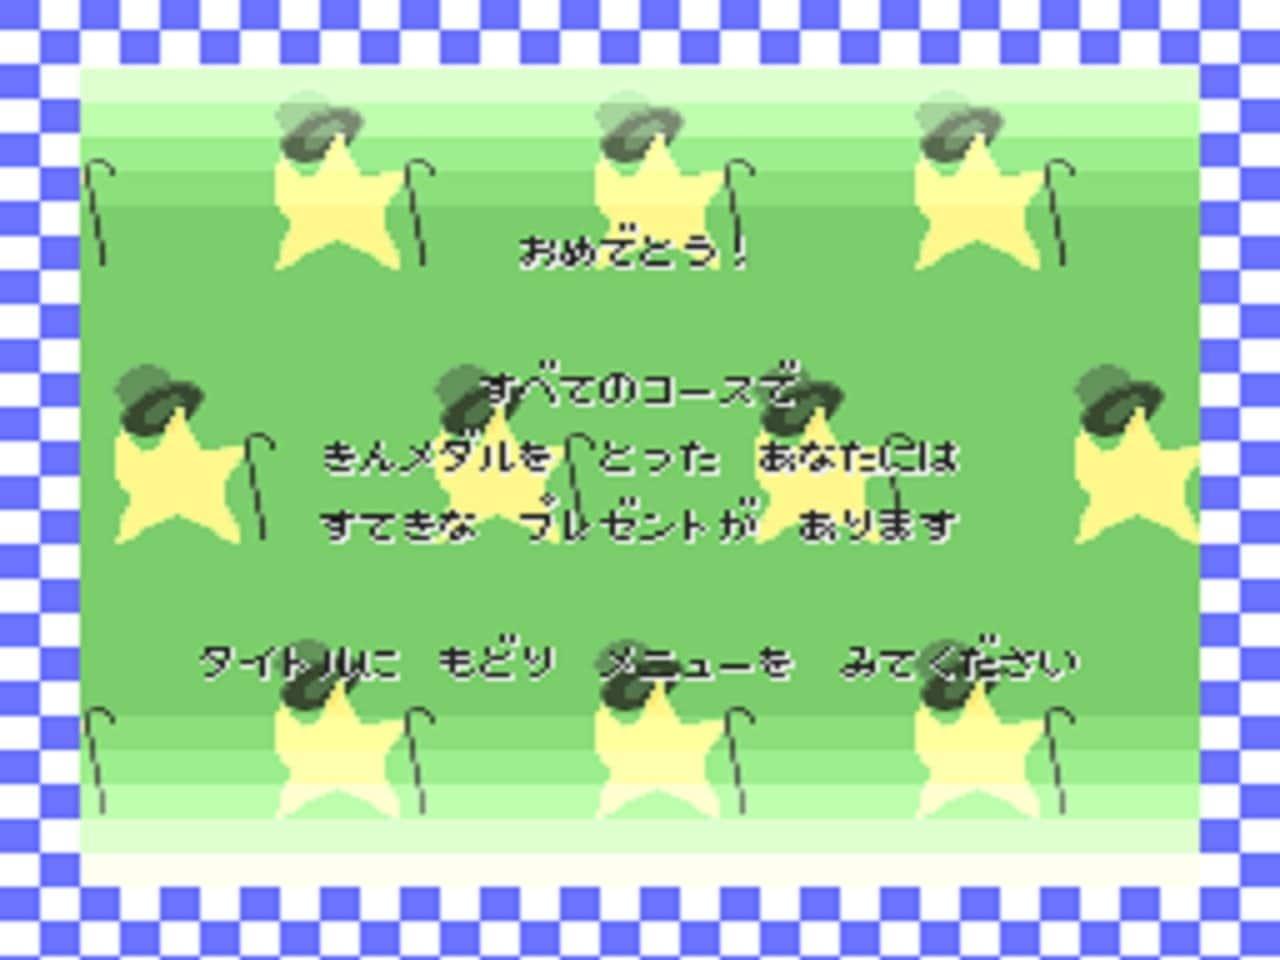 『カービィ』シリーズ初のSFCソフト『カービィボウル』は「まさかのゴルフゲーム」!?の画像007